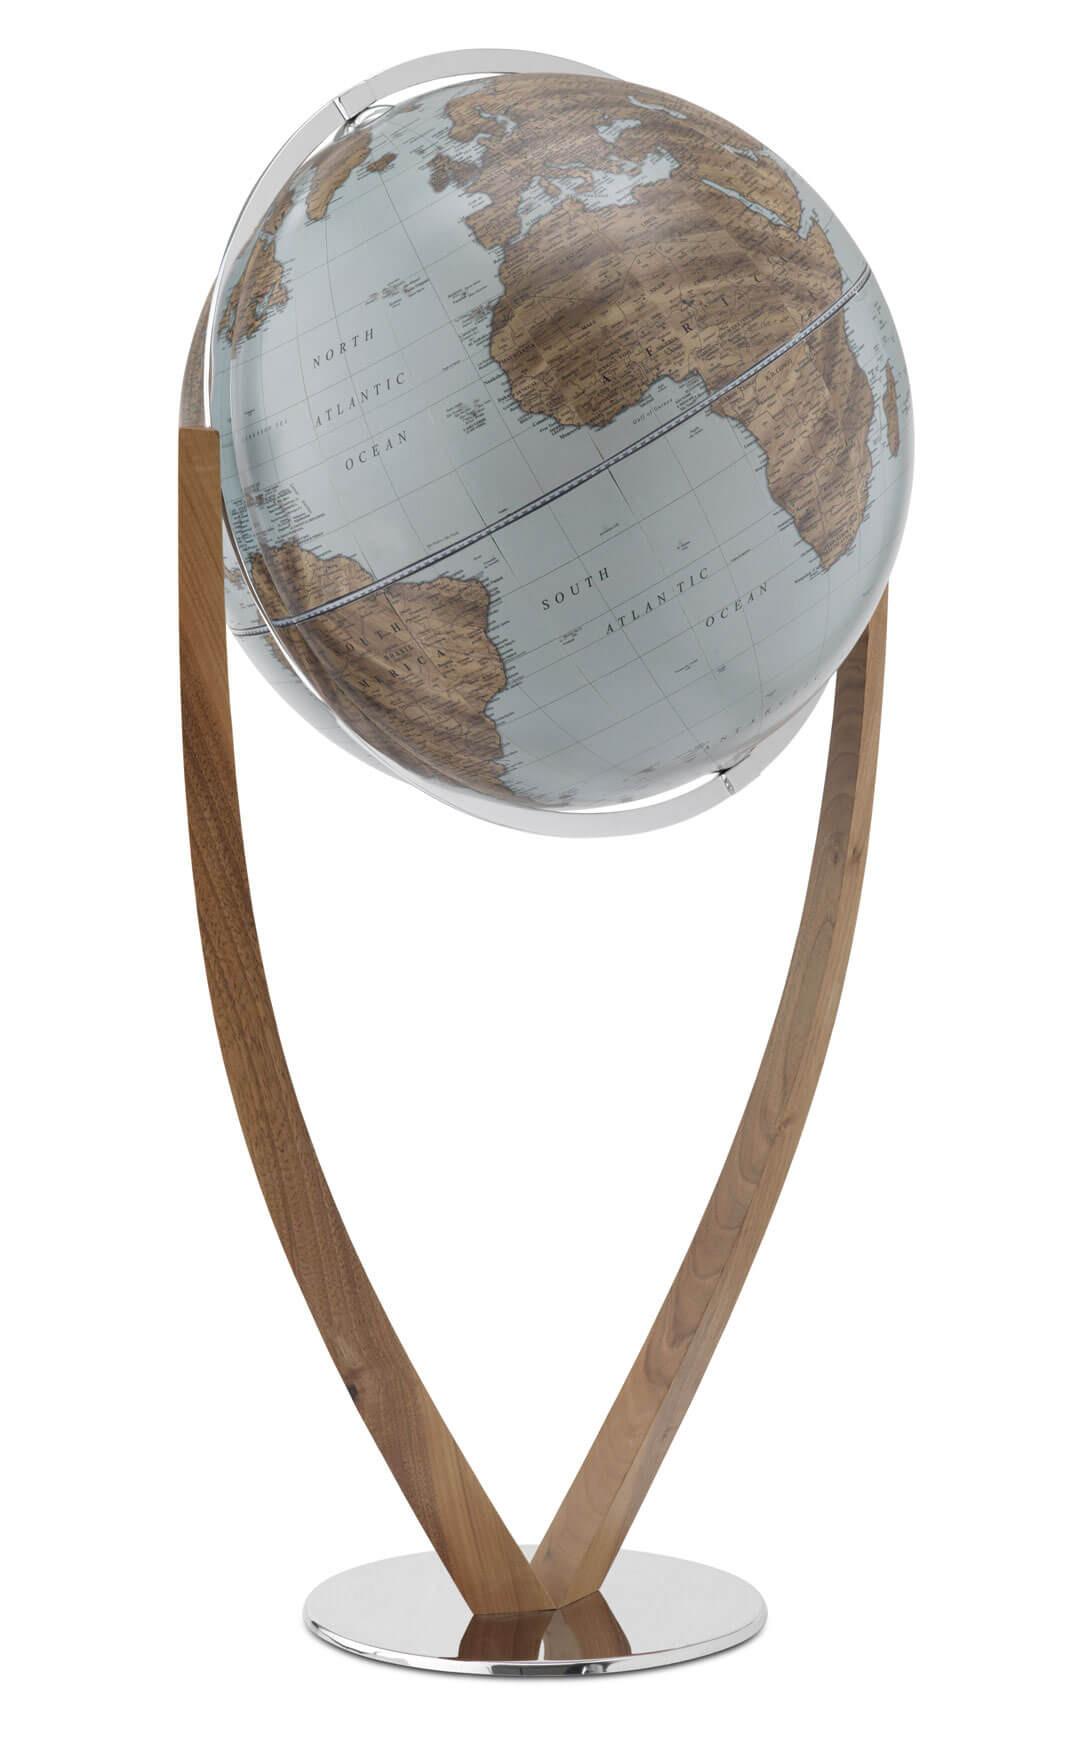 Versus Natural Globe